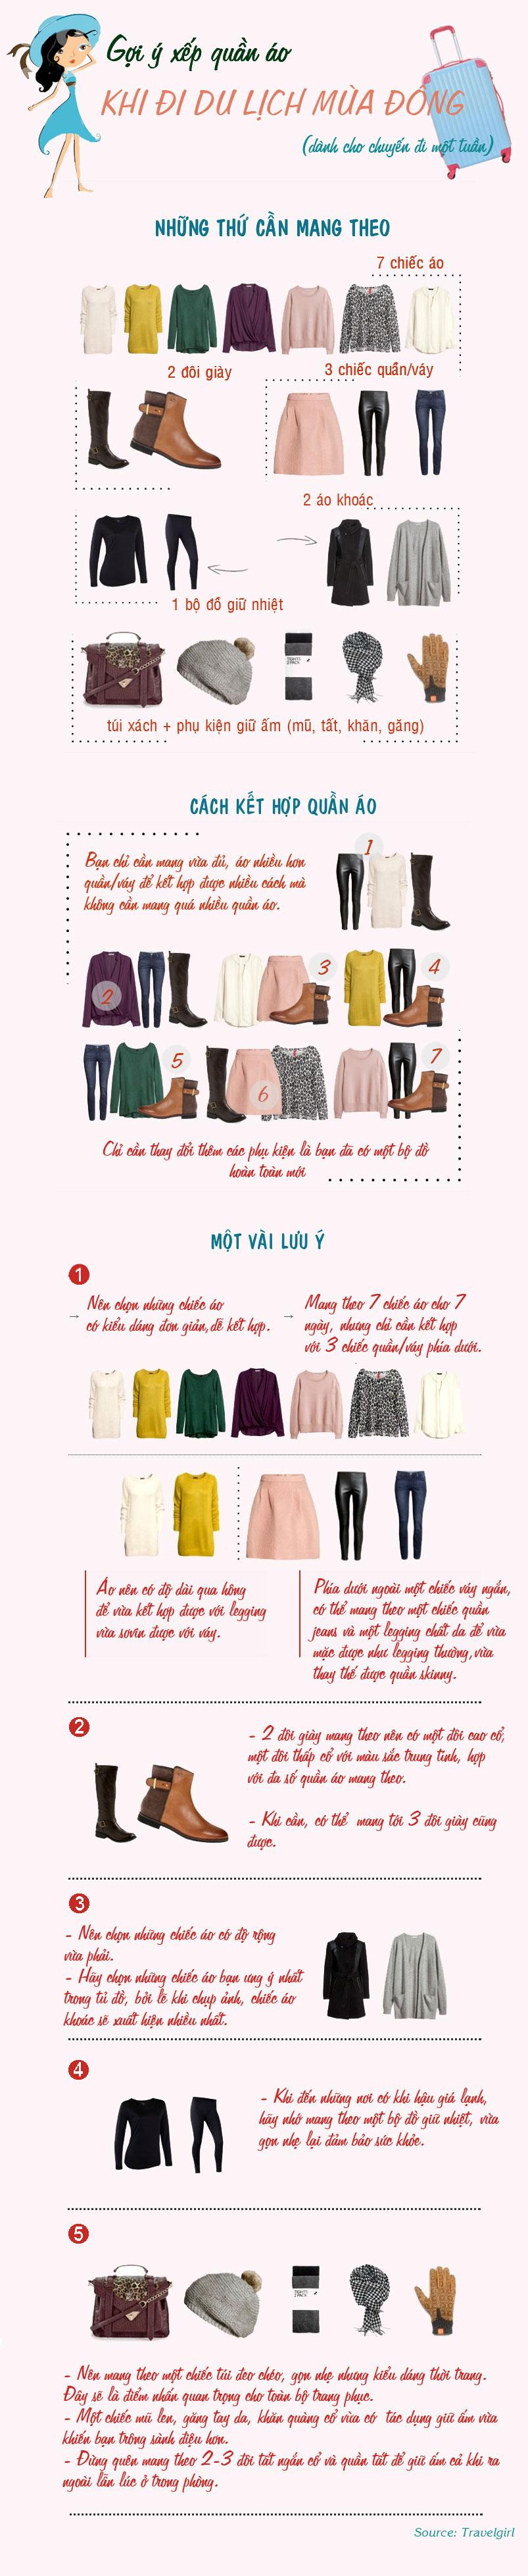 Cách xếp quần áo khi đi du lịch mùa đông